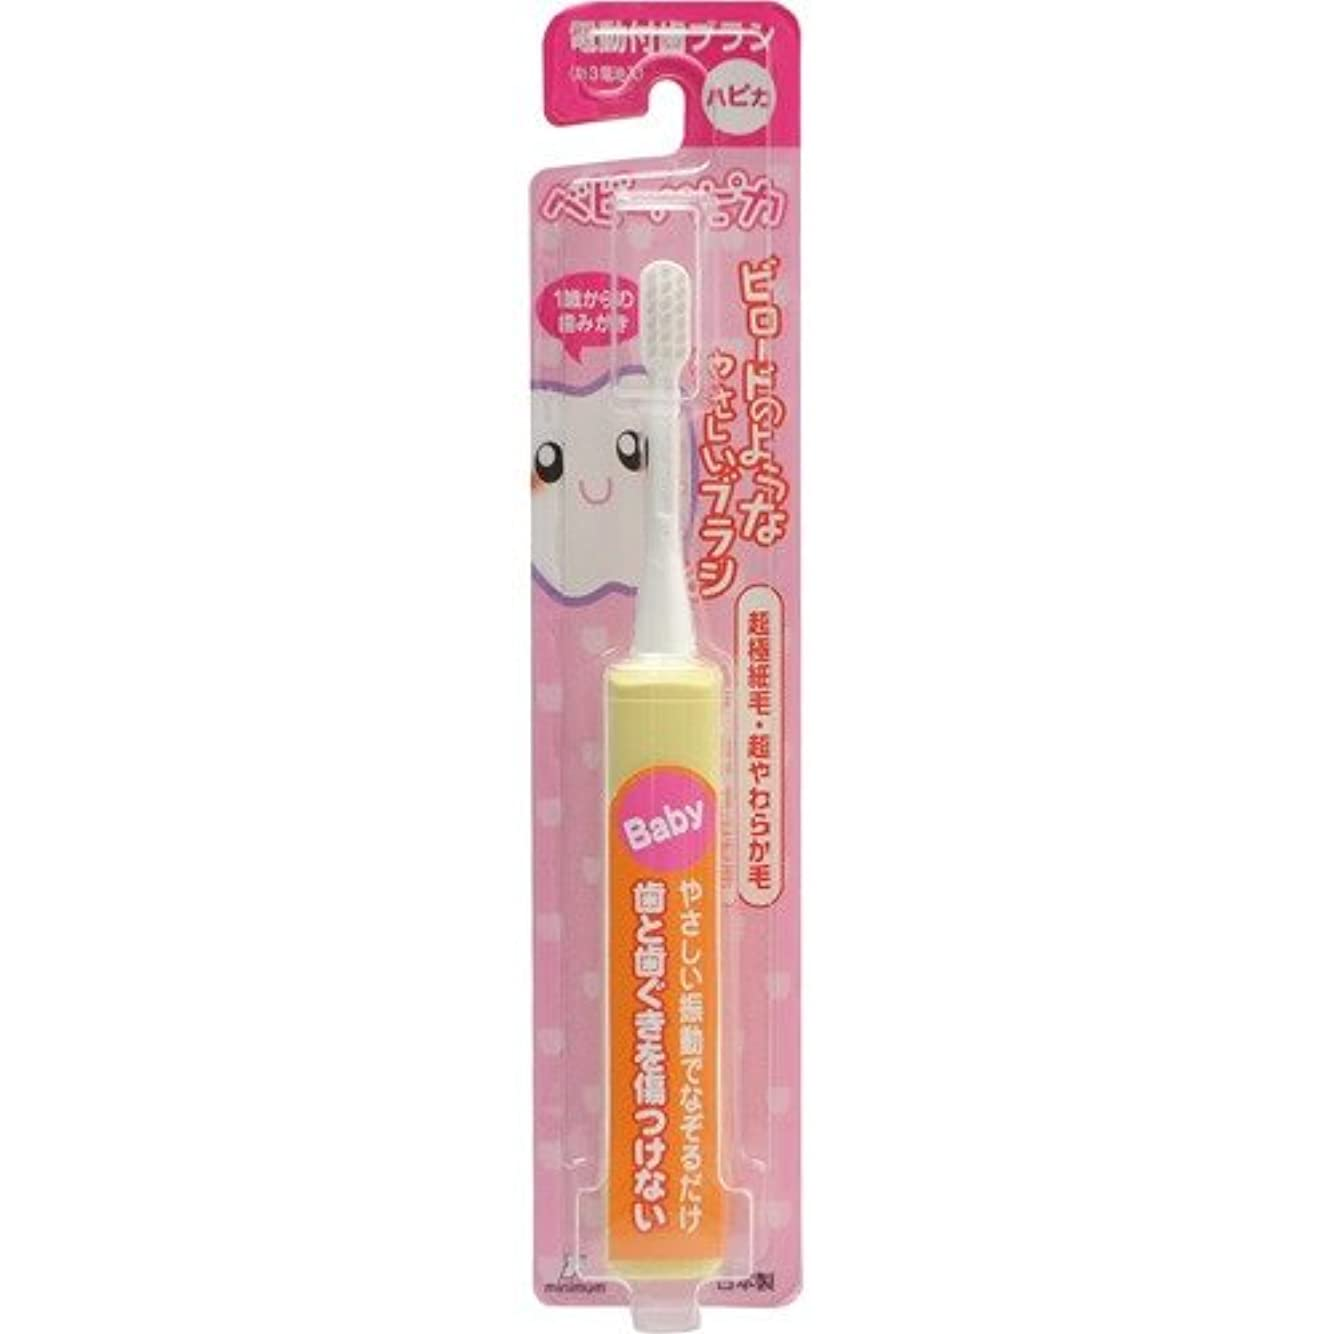 そのきらきらアトミックミニマム 電動付歯ブラシ ベビーハピカ イエロー 毛の硬さ:超やわらかめ DBB-1Y(BP)